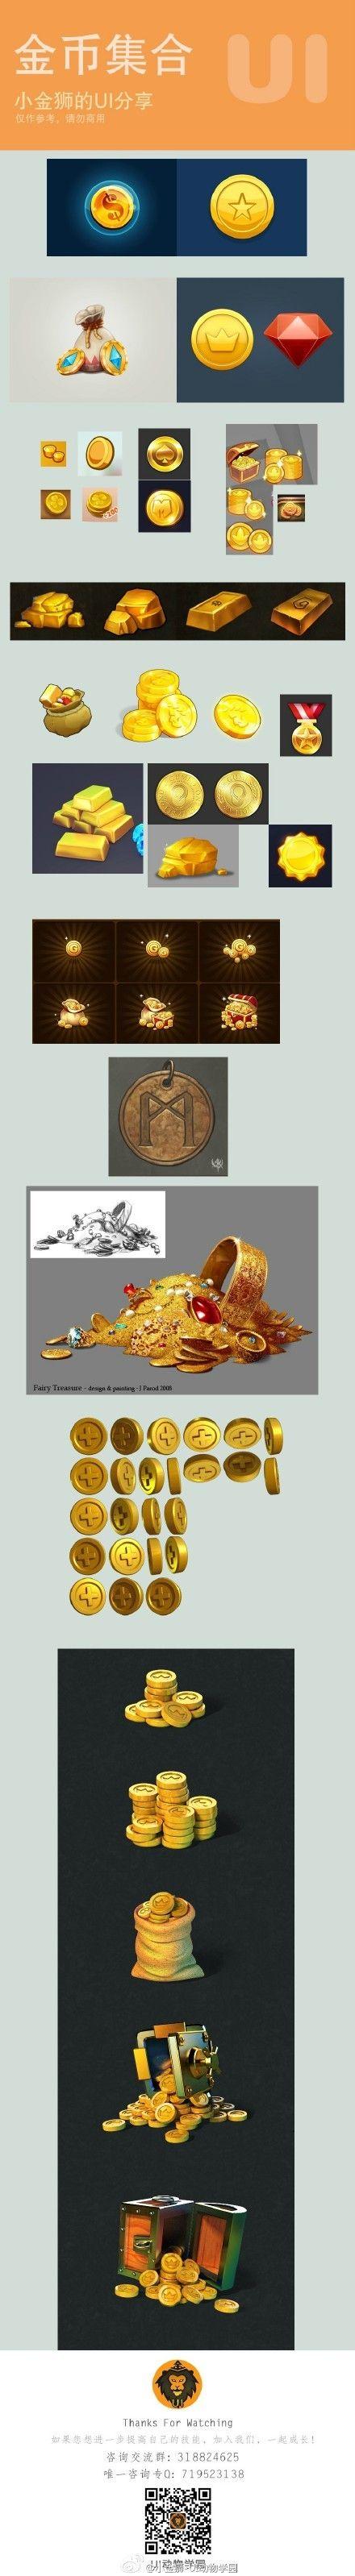 收集了一些网络上精彩的金币图标设计,最后...